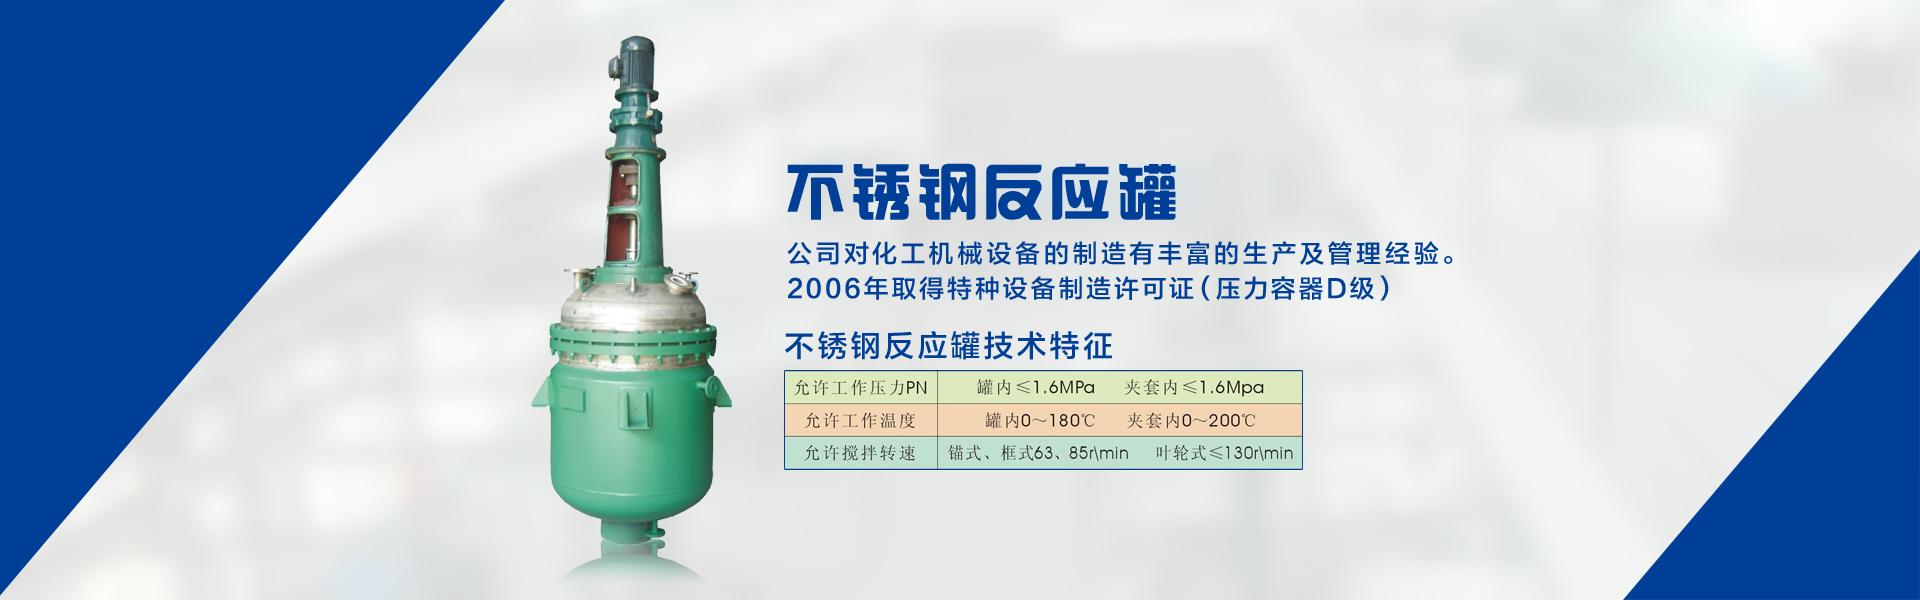 肇庆市正大化工机械设备幸运飞艇提供不锈钢反应釜,搪瓷反应罐等产品!